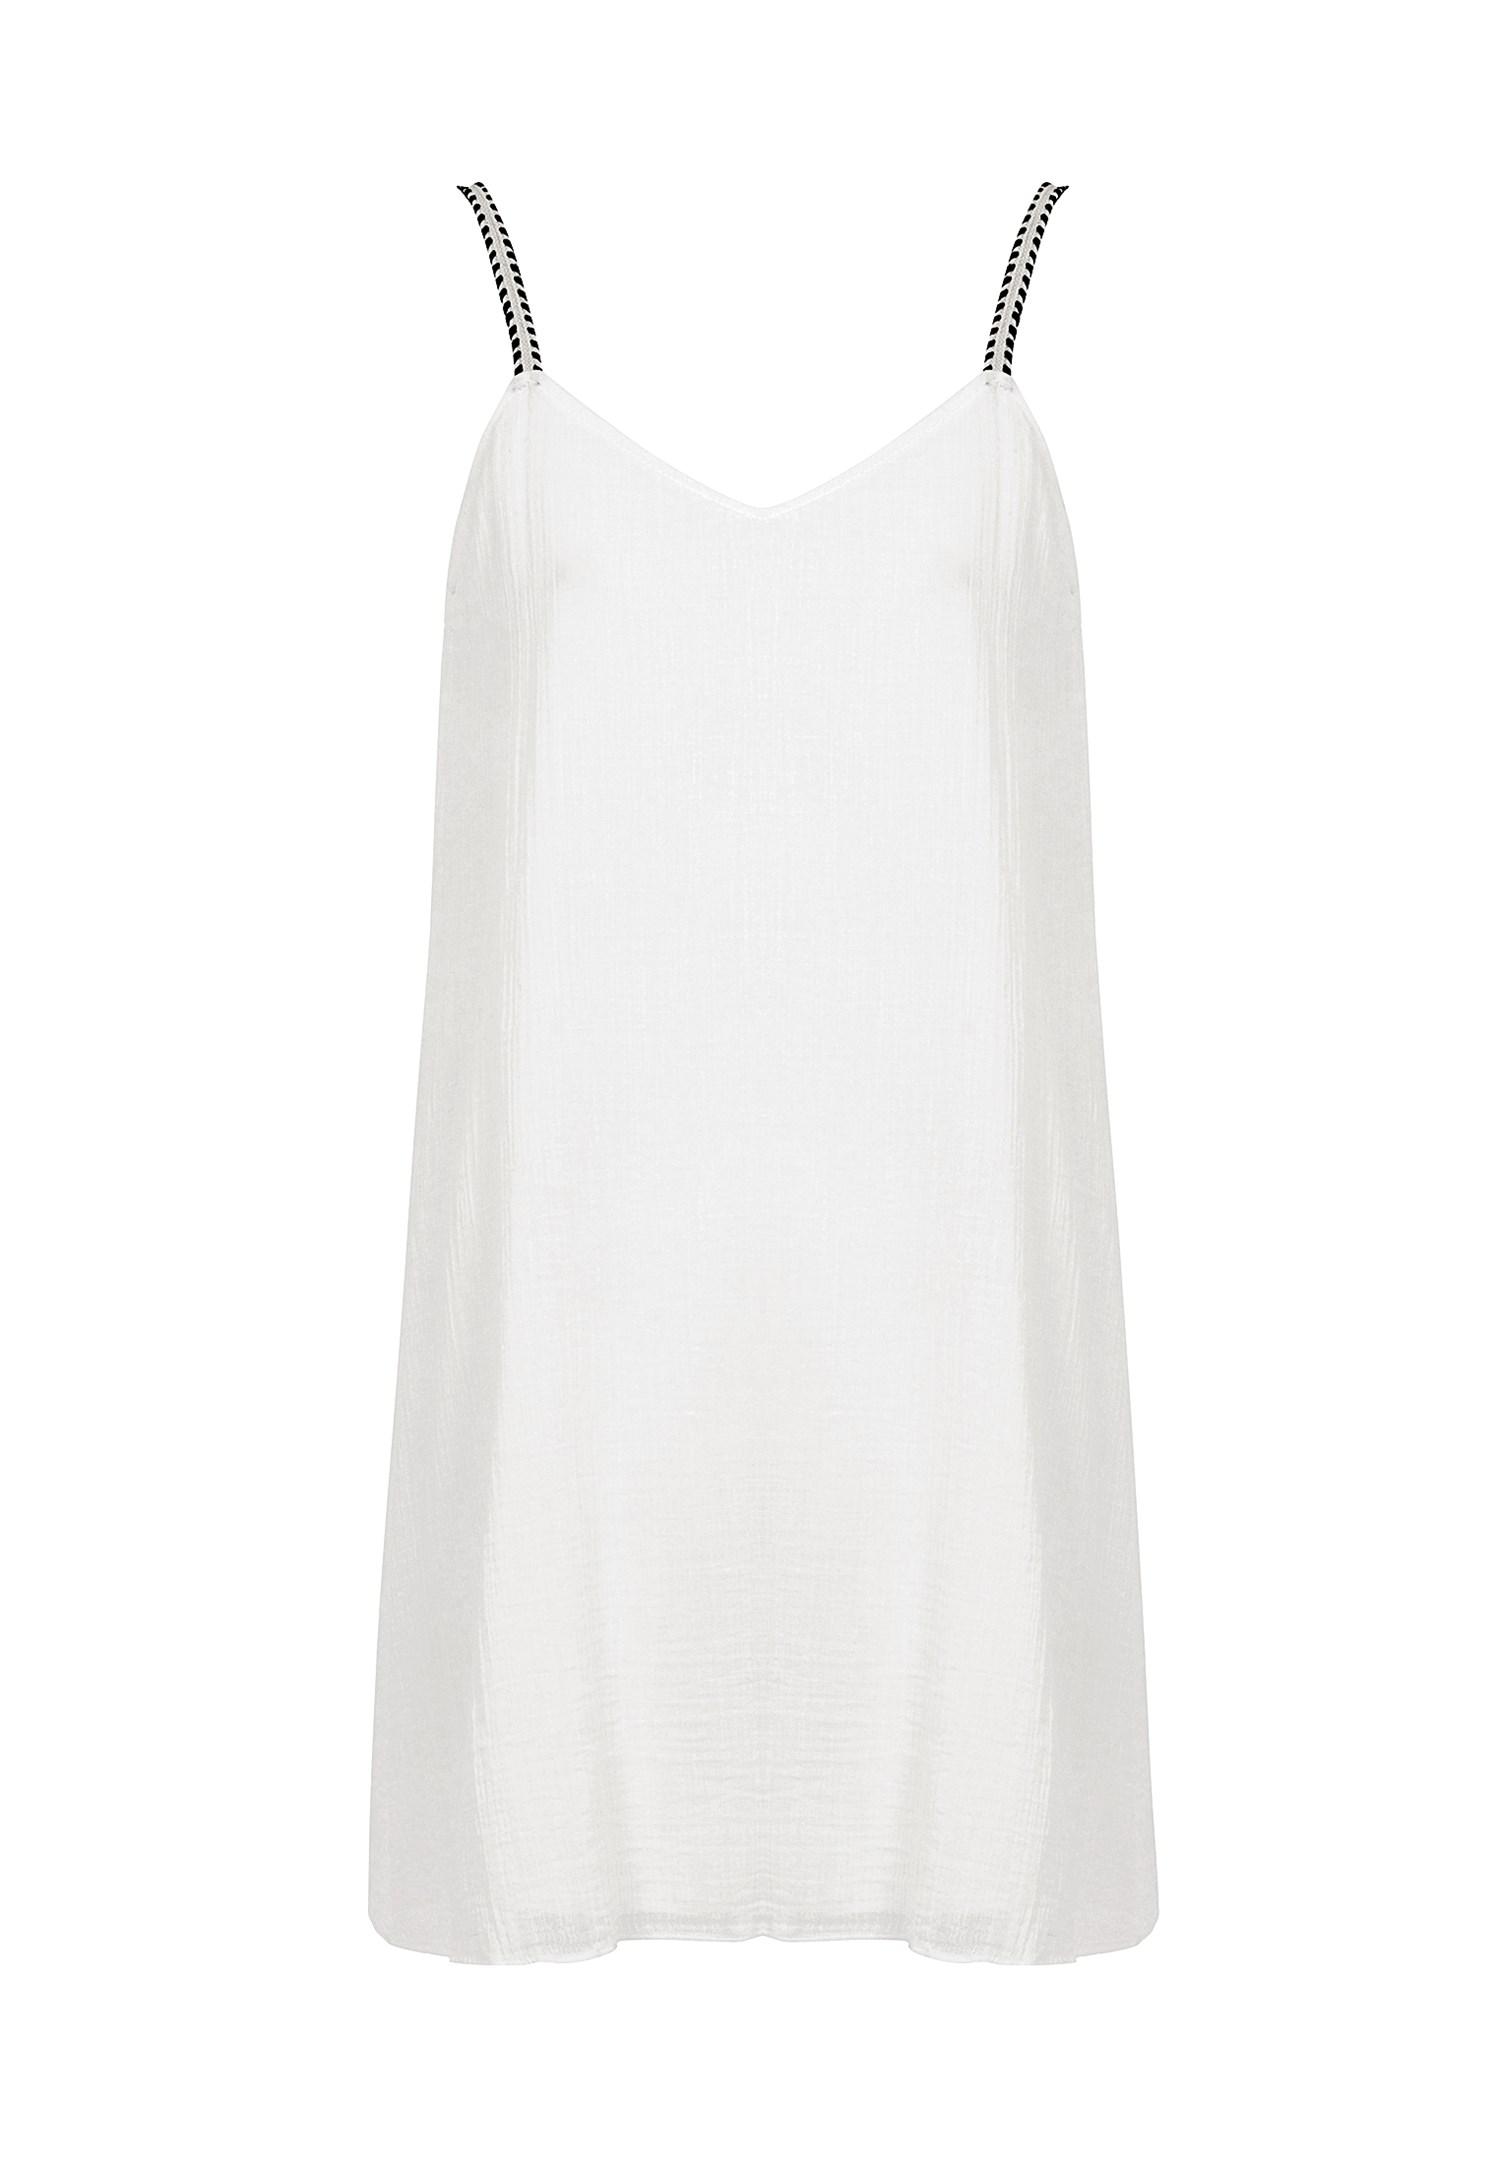 Bayan Krem Askı Detaylı Mini Elbise